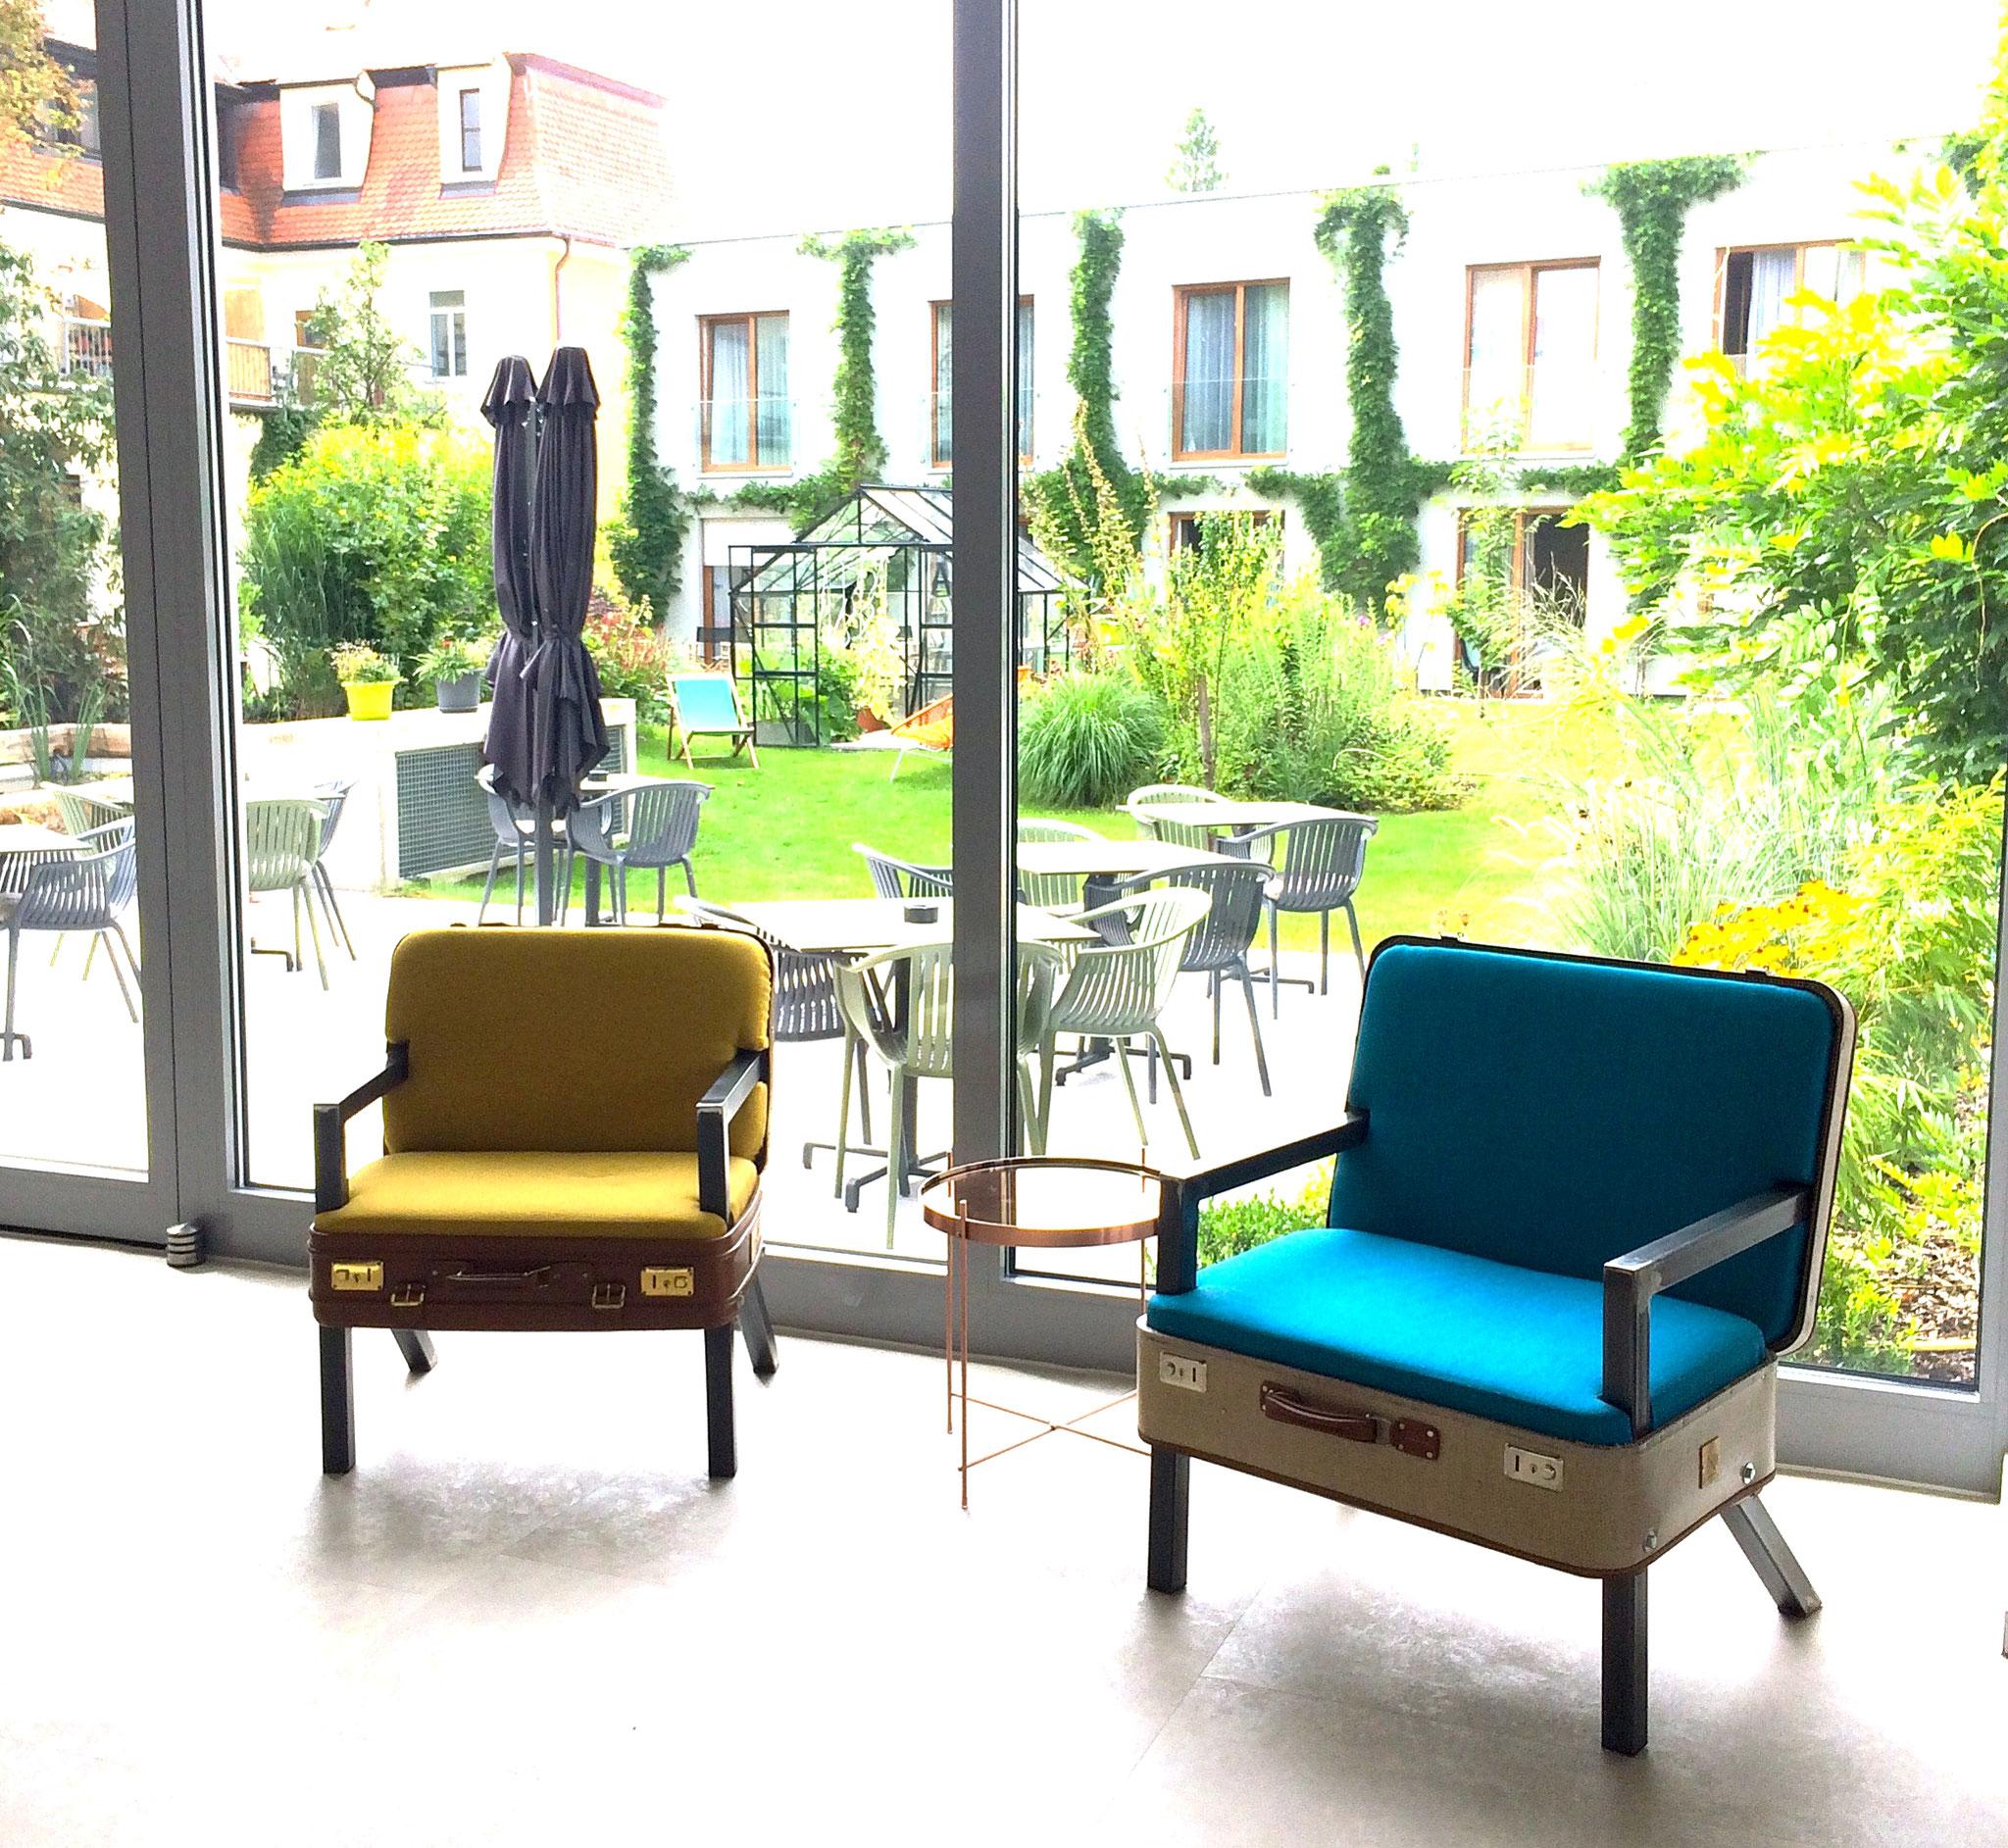 Koffersessel #nr13 und #nr10 Green Spirit Hotel Regensburg